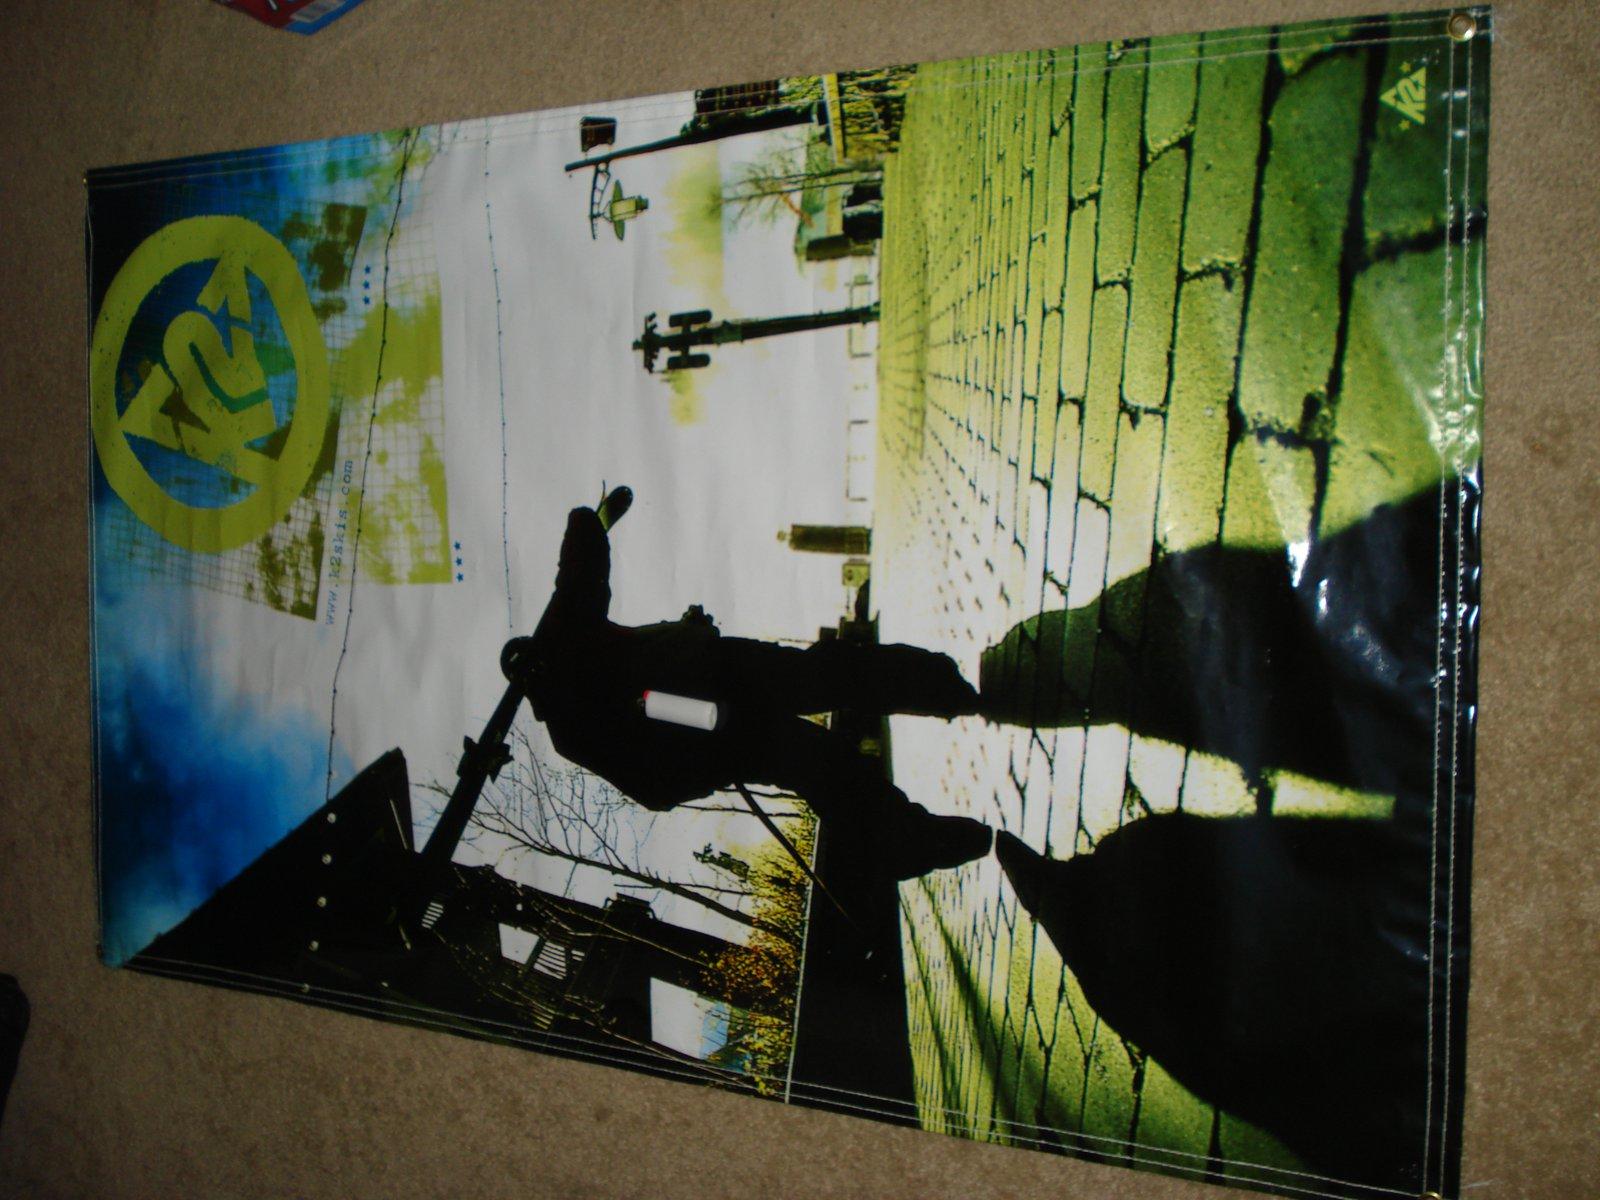 K2 banner for sale